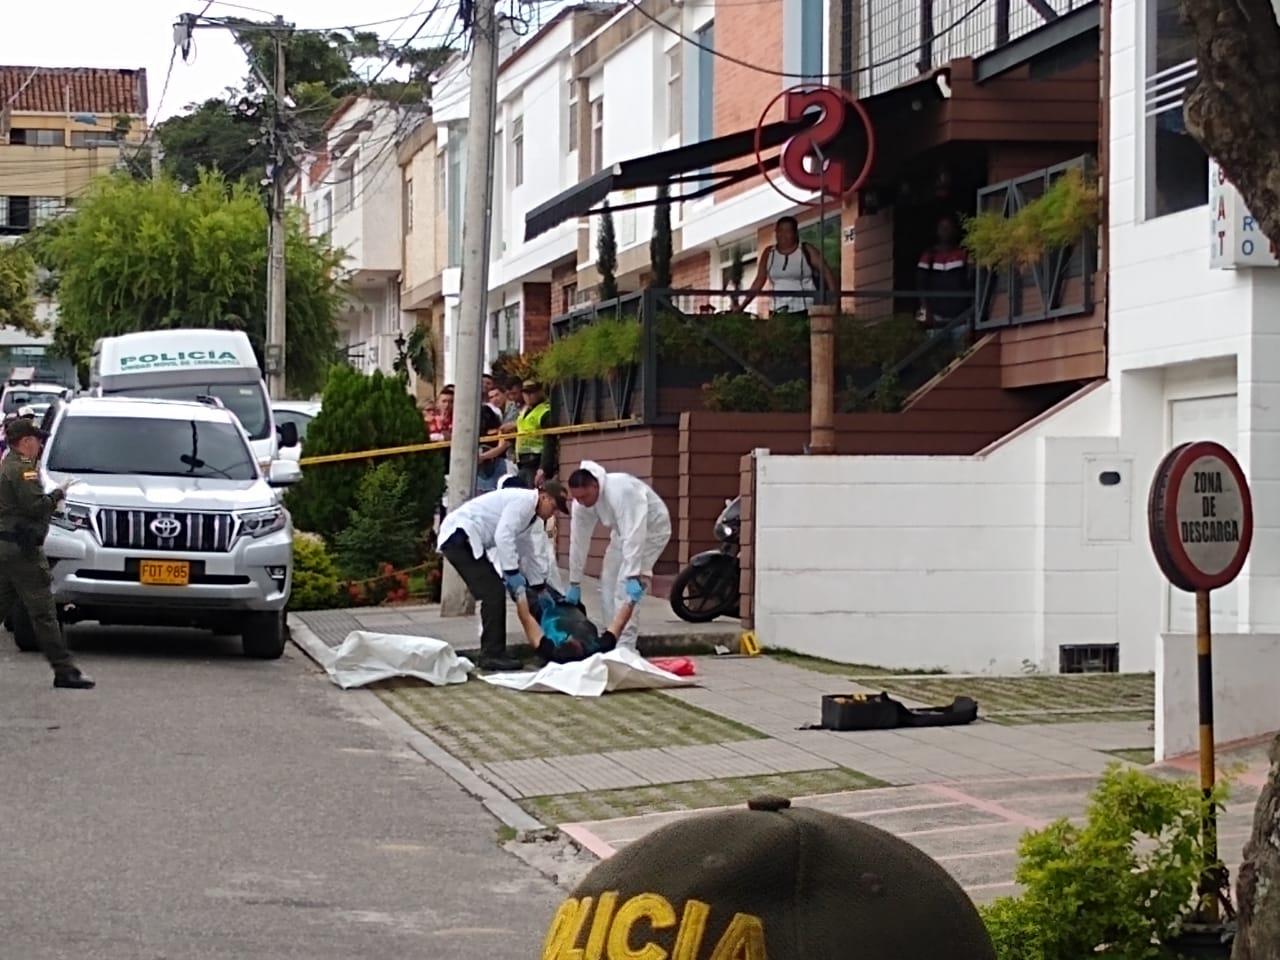 Tiradores profesionales asesinaron al comerciante ultimado en cabecera | Justicia | EL FRENTE